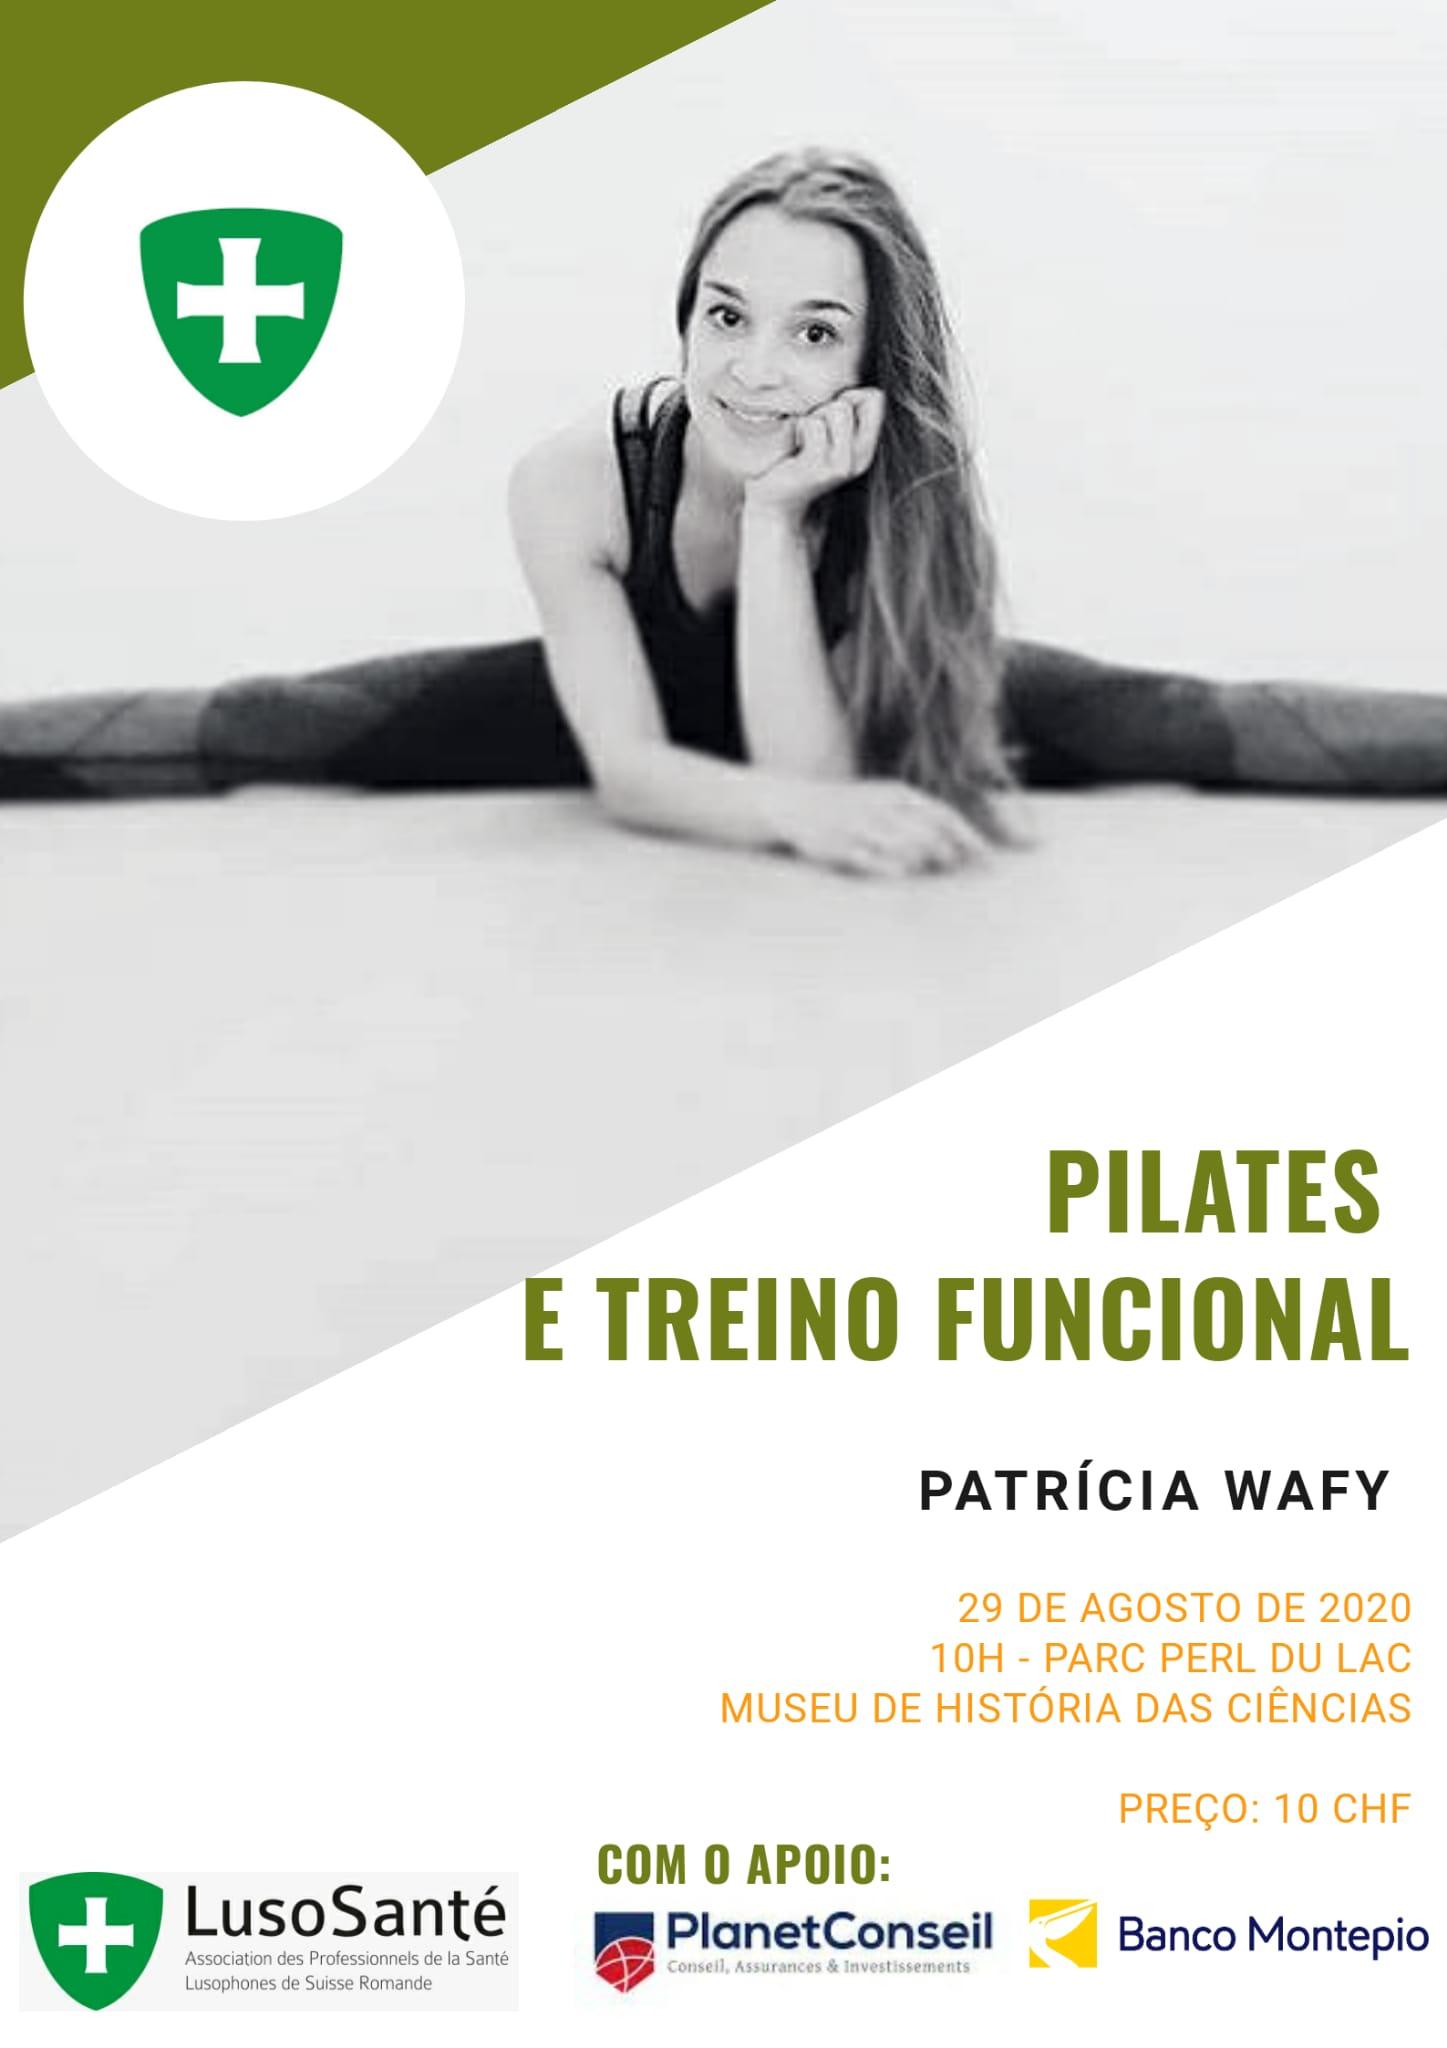 Pilates e treino funcional